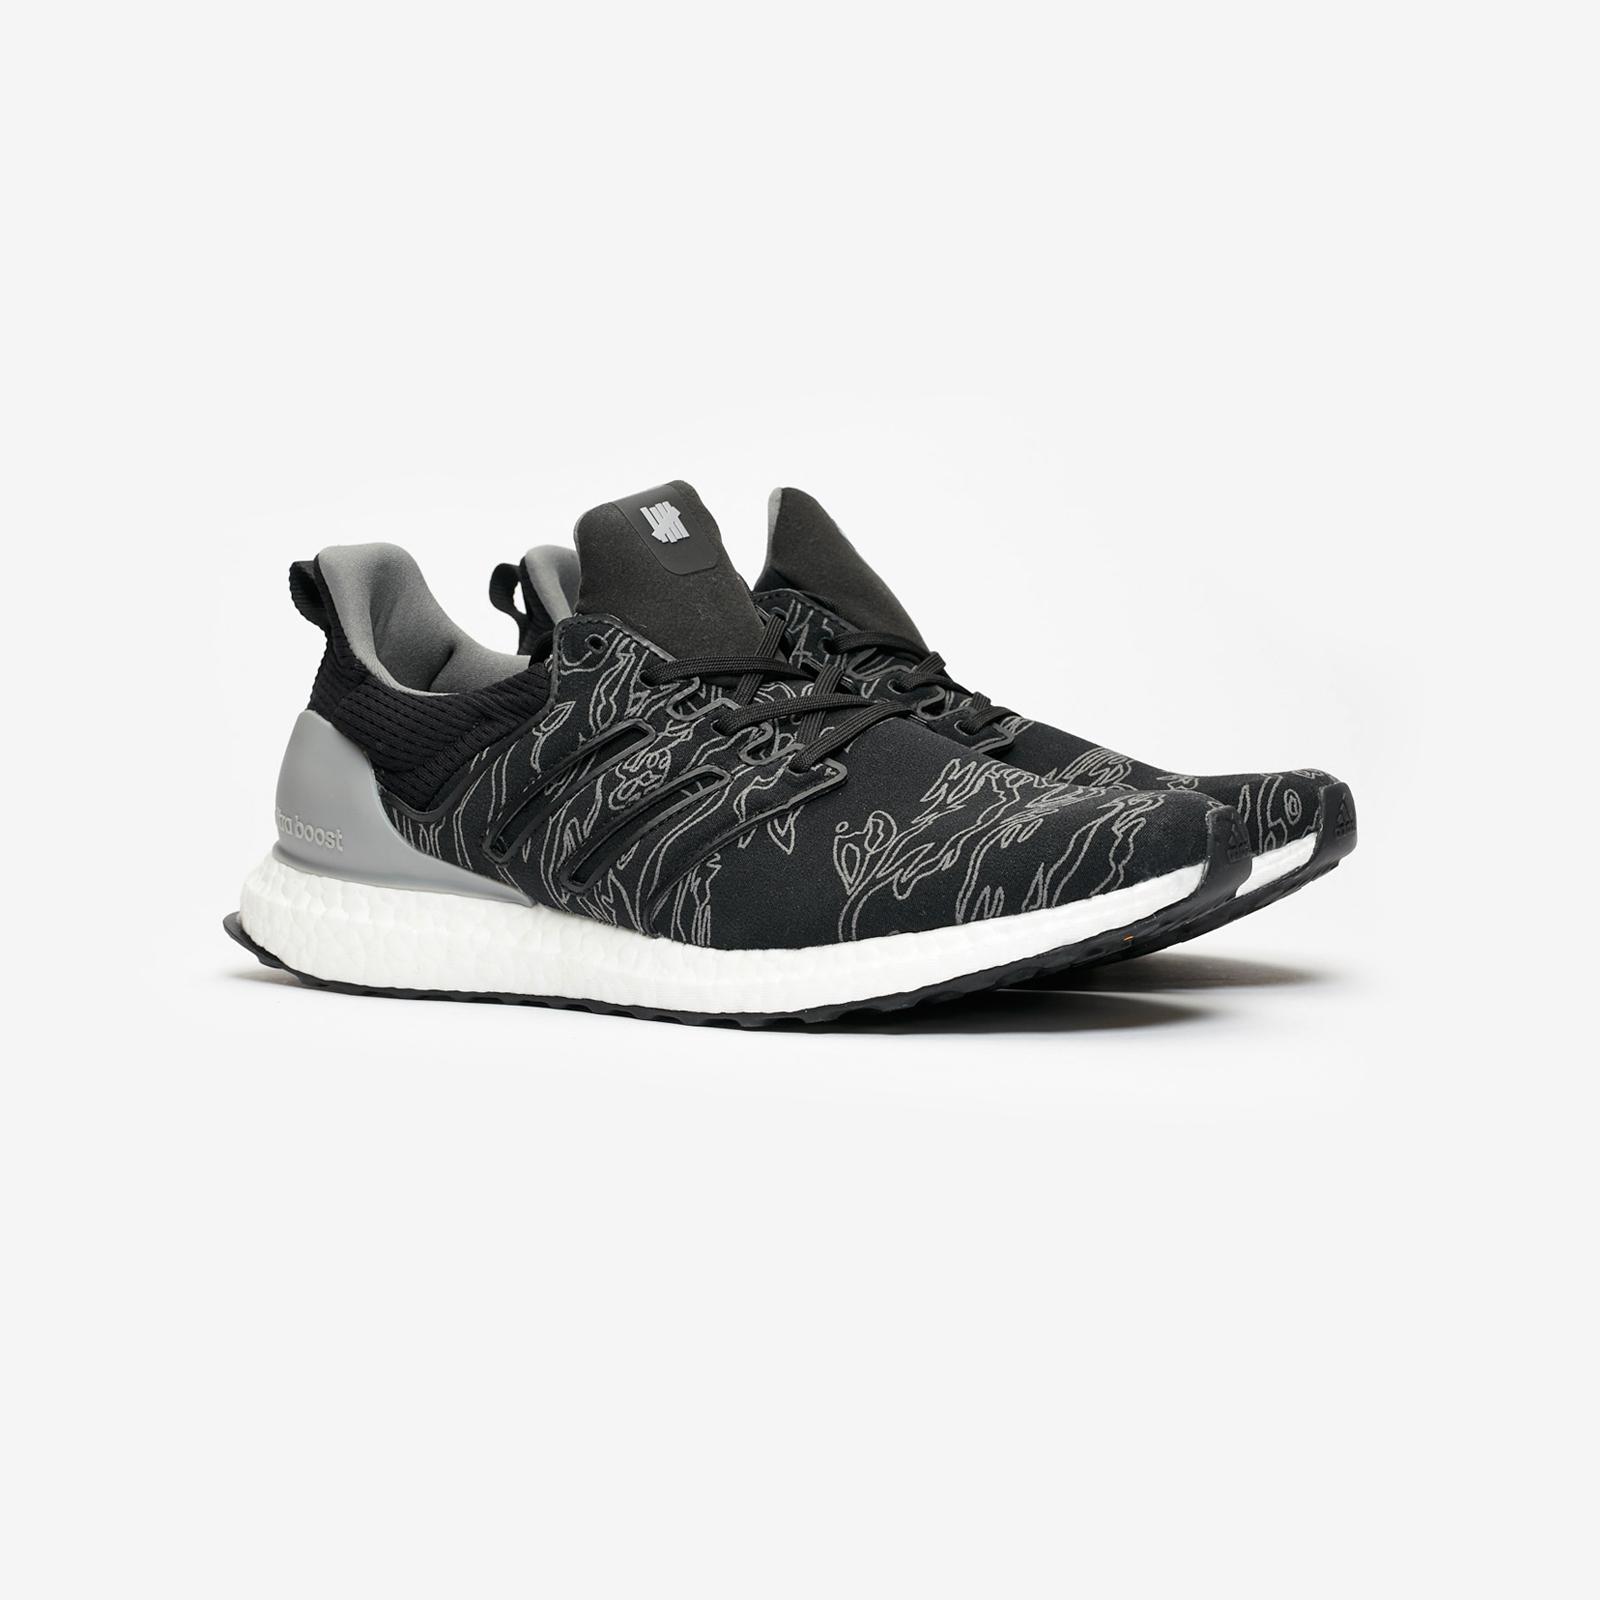 45faa54eb4f2a adidas UltraBOOST x UNDFTD - Bc0472 - Sneakersnstuff